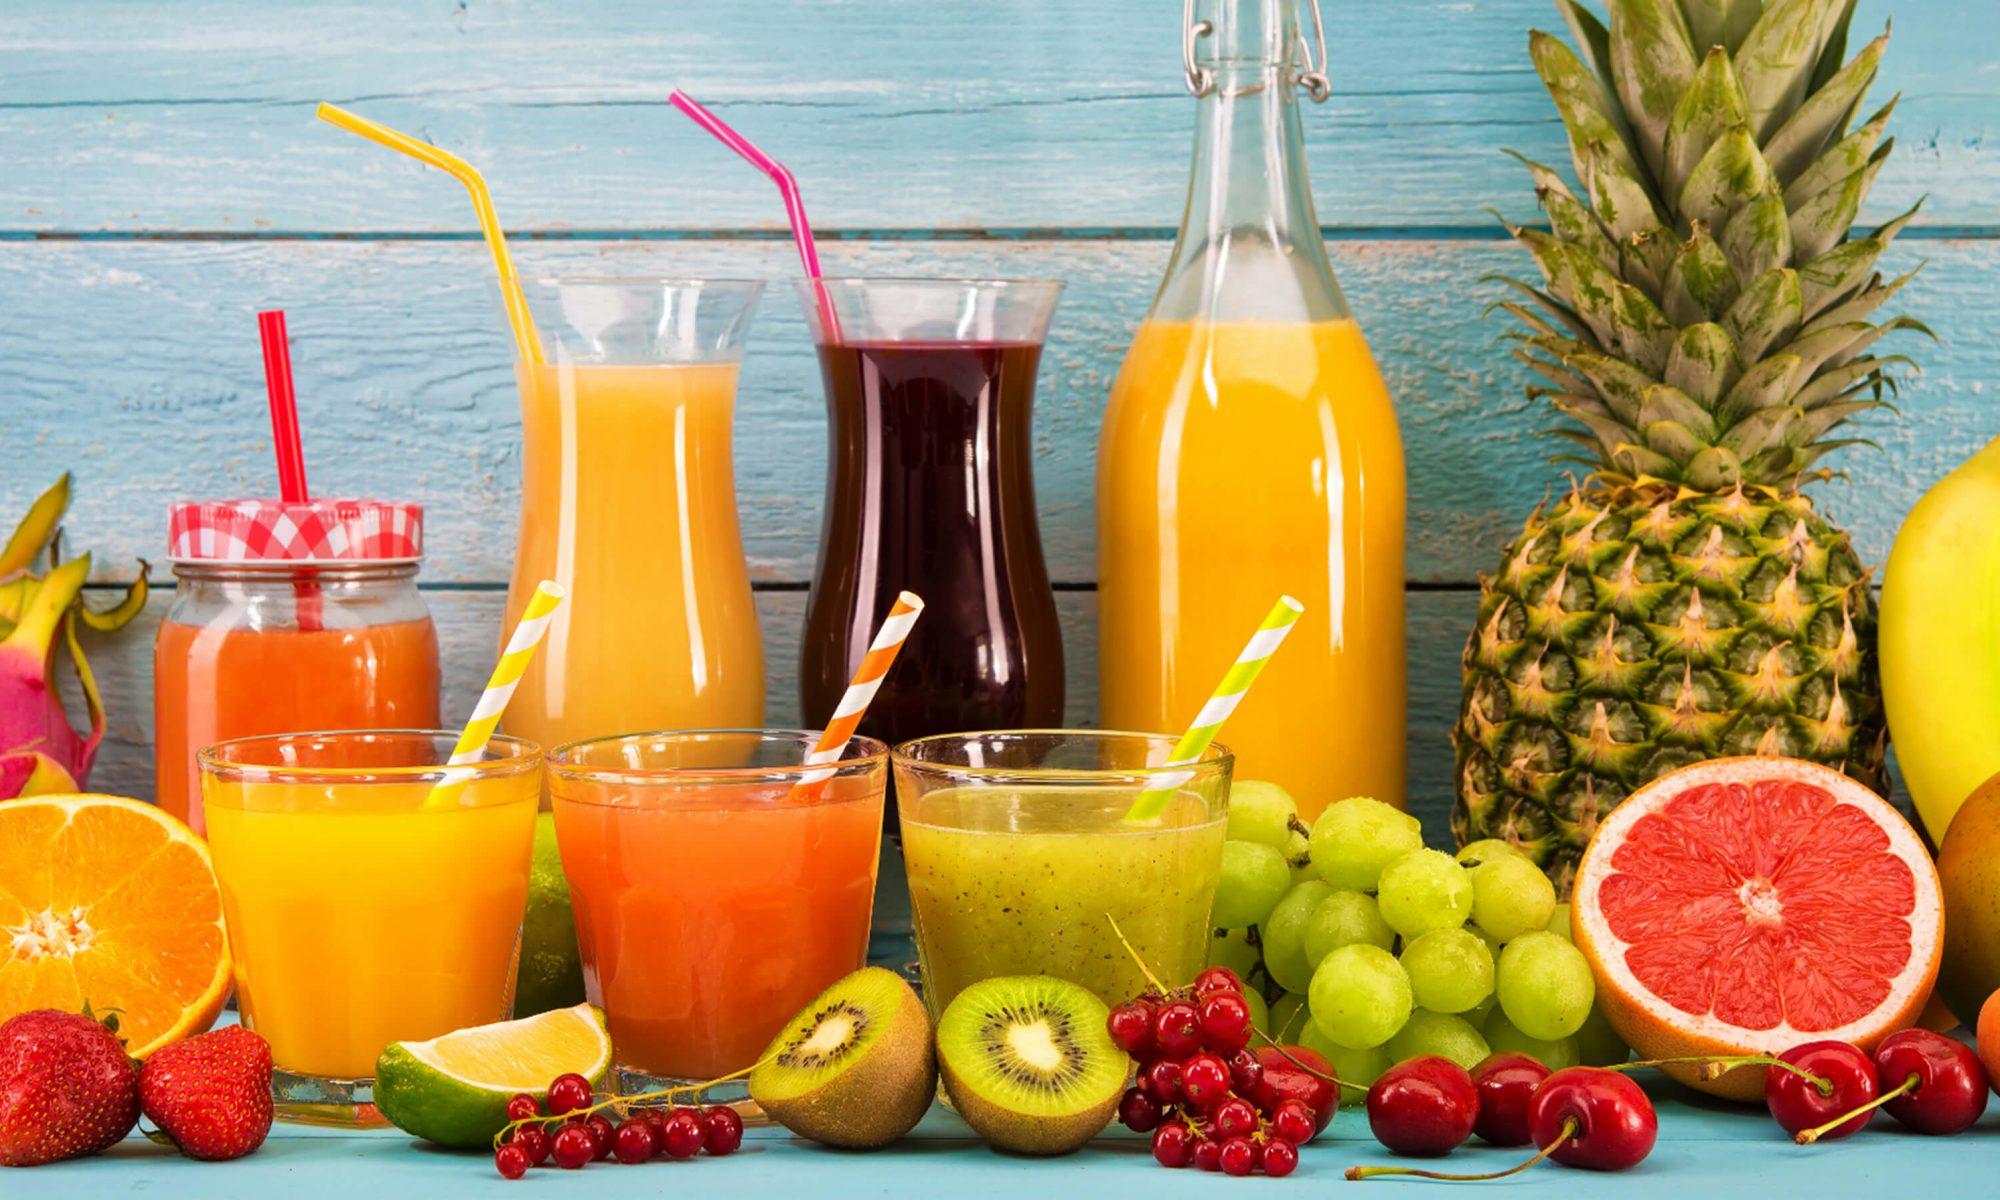 Mở quán nước ép trái cây cần chuẩn bị những gì? Bán có lãi không? (P2)